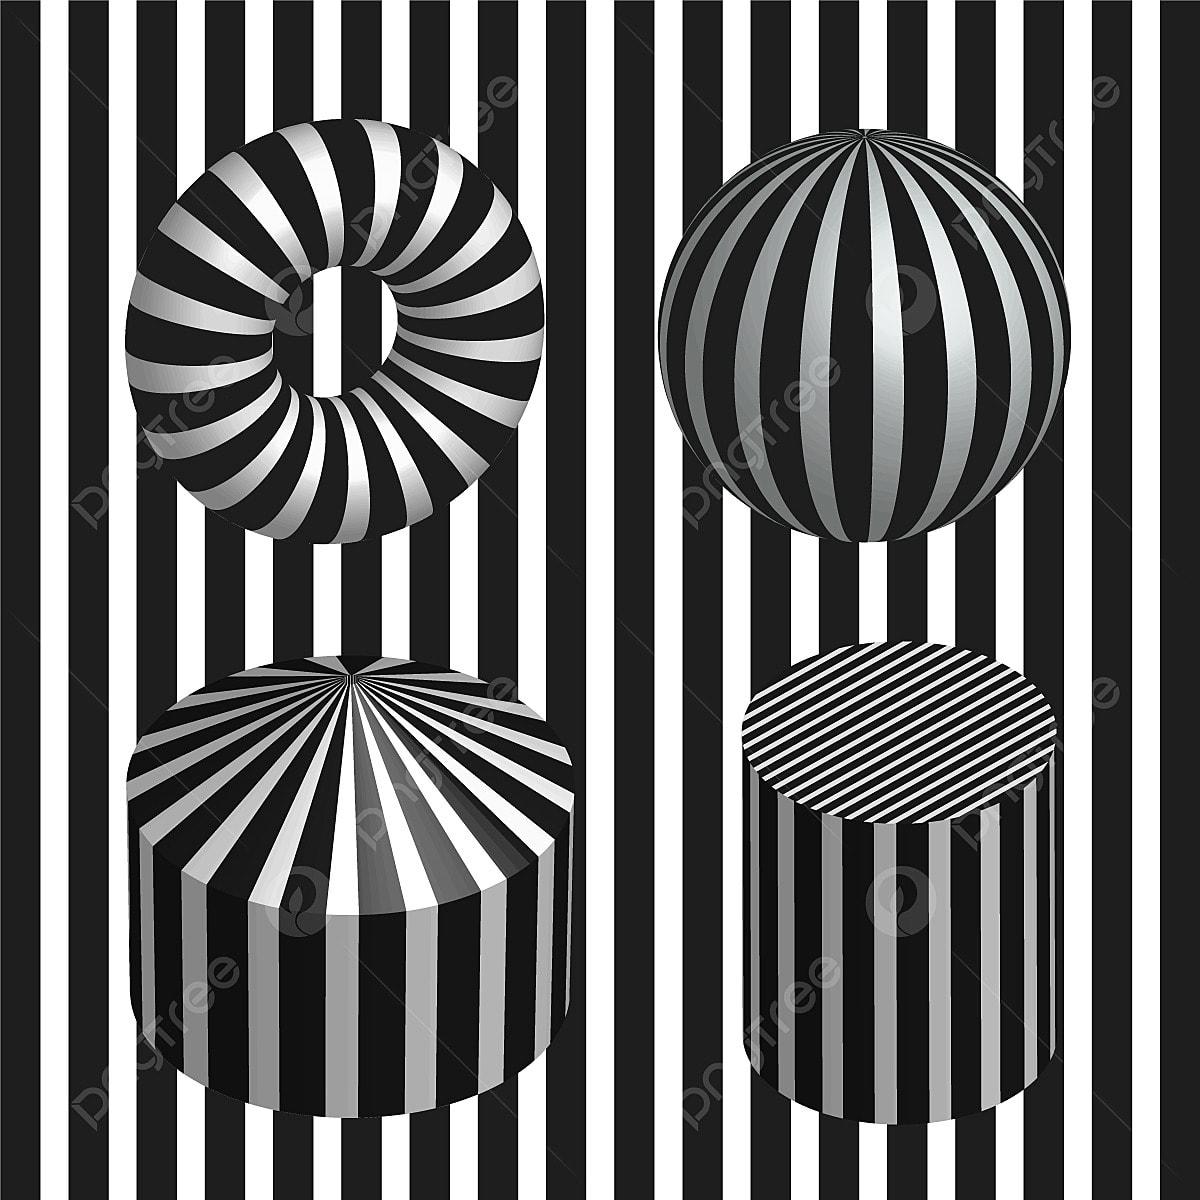 Disegni Geometrici Bianco E Nero 4 geometriche illusioni ottiche con sfondo bianco e nero, 3d